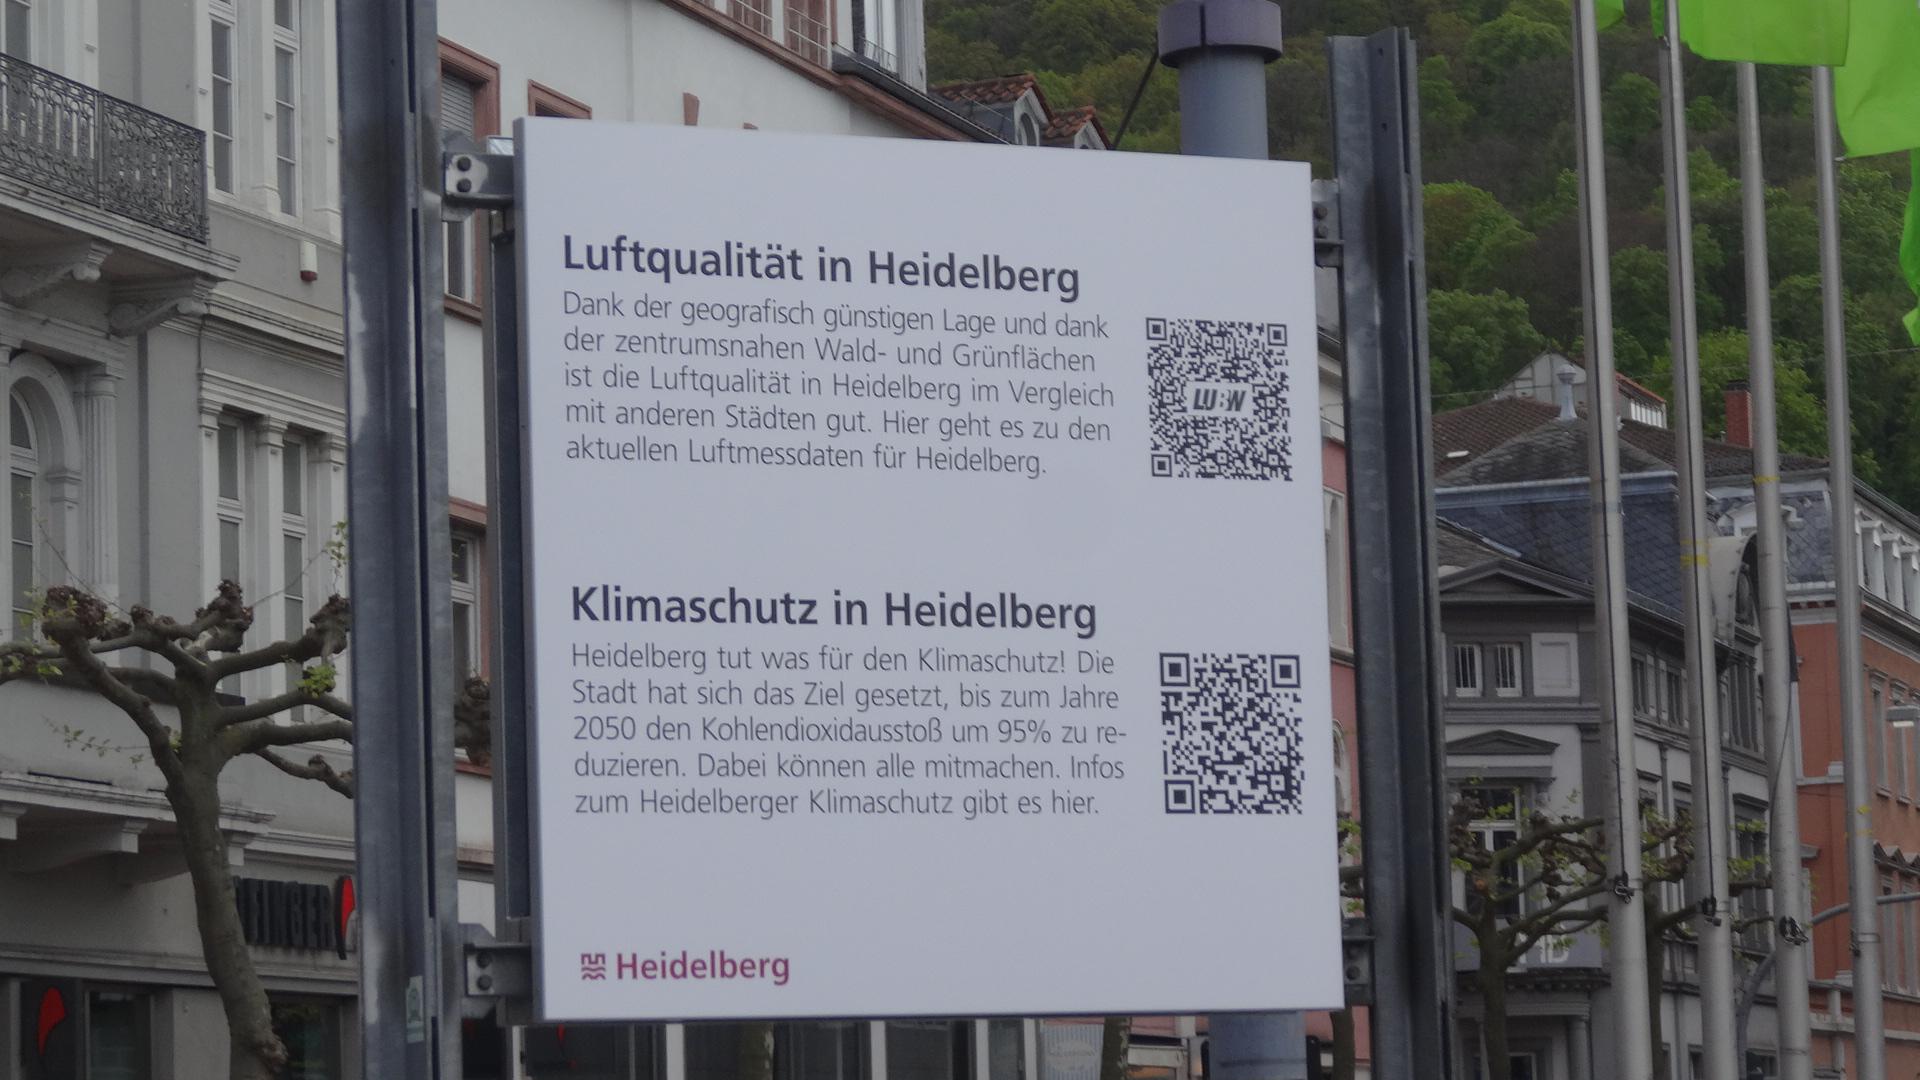 Schild über gute Luftqualität in Heidelberg